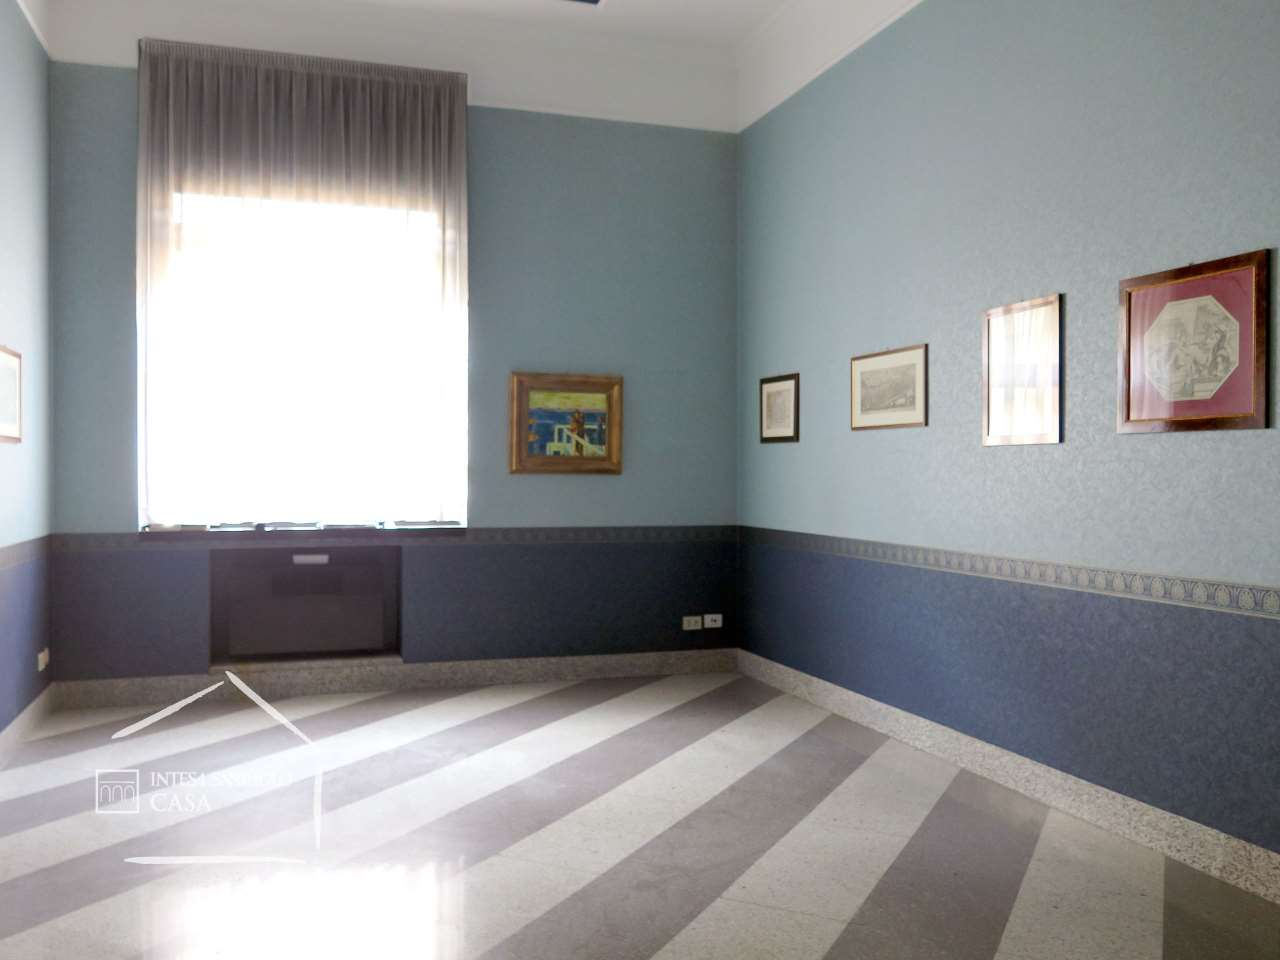 Appartamento in Vendita a Brescia: 5 locali, 290 mq - Foto 6